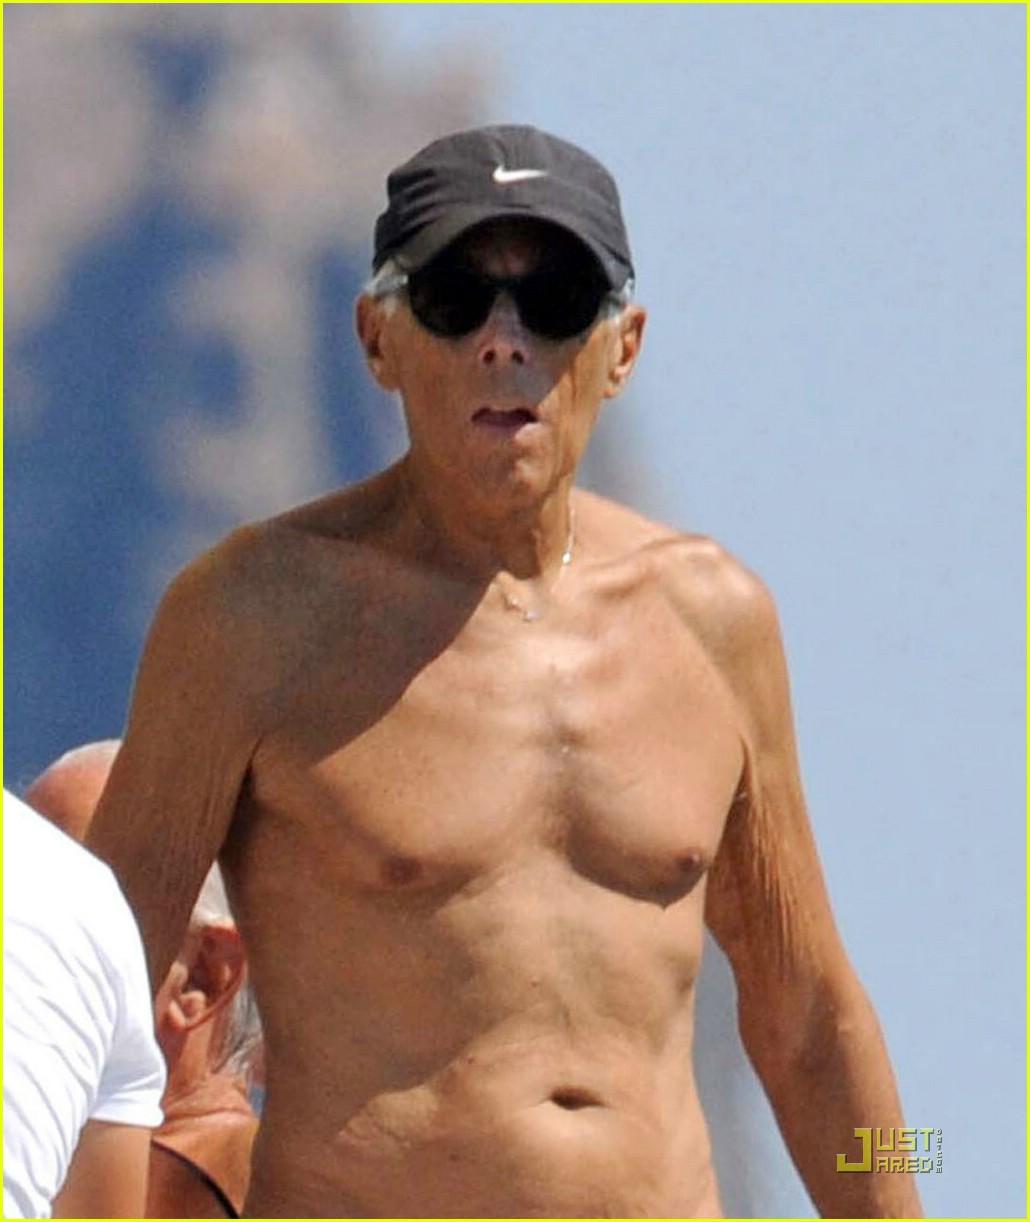 Giorgio Armani Gets Shirtless in a Speedo : Photo 2093812 | Giorgio ... Giorgio Armani